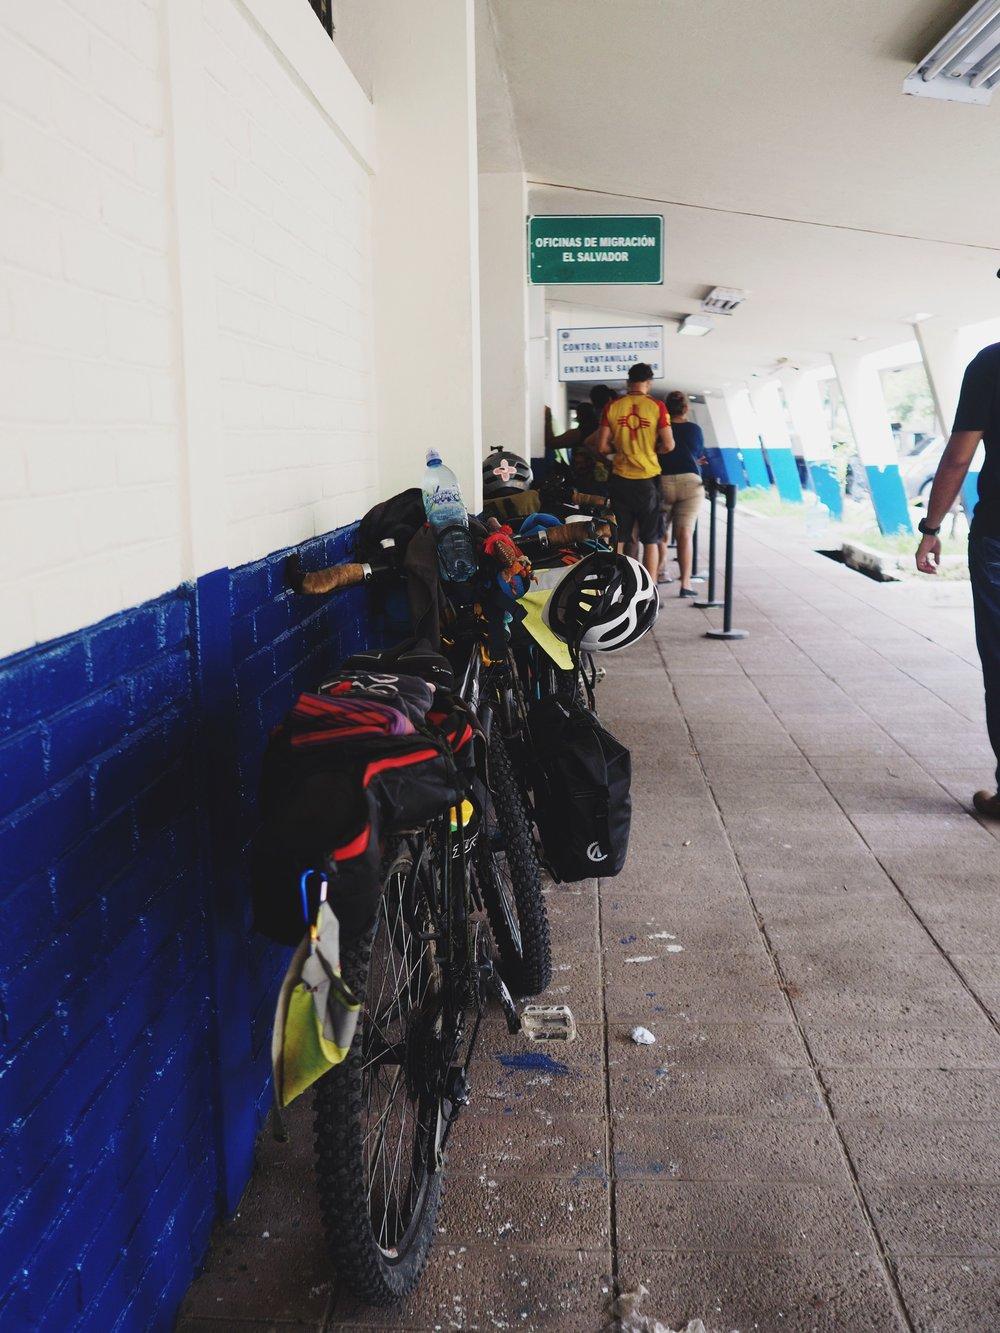 Customs at the El Salvador border